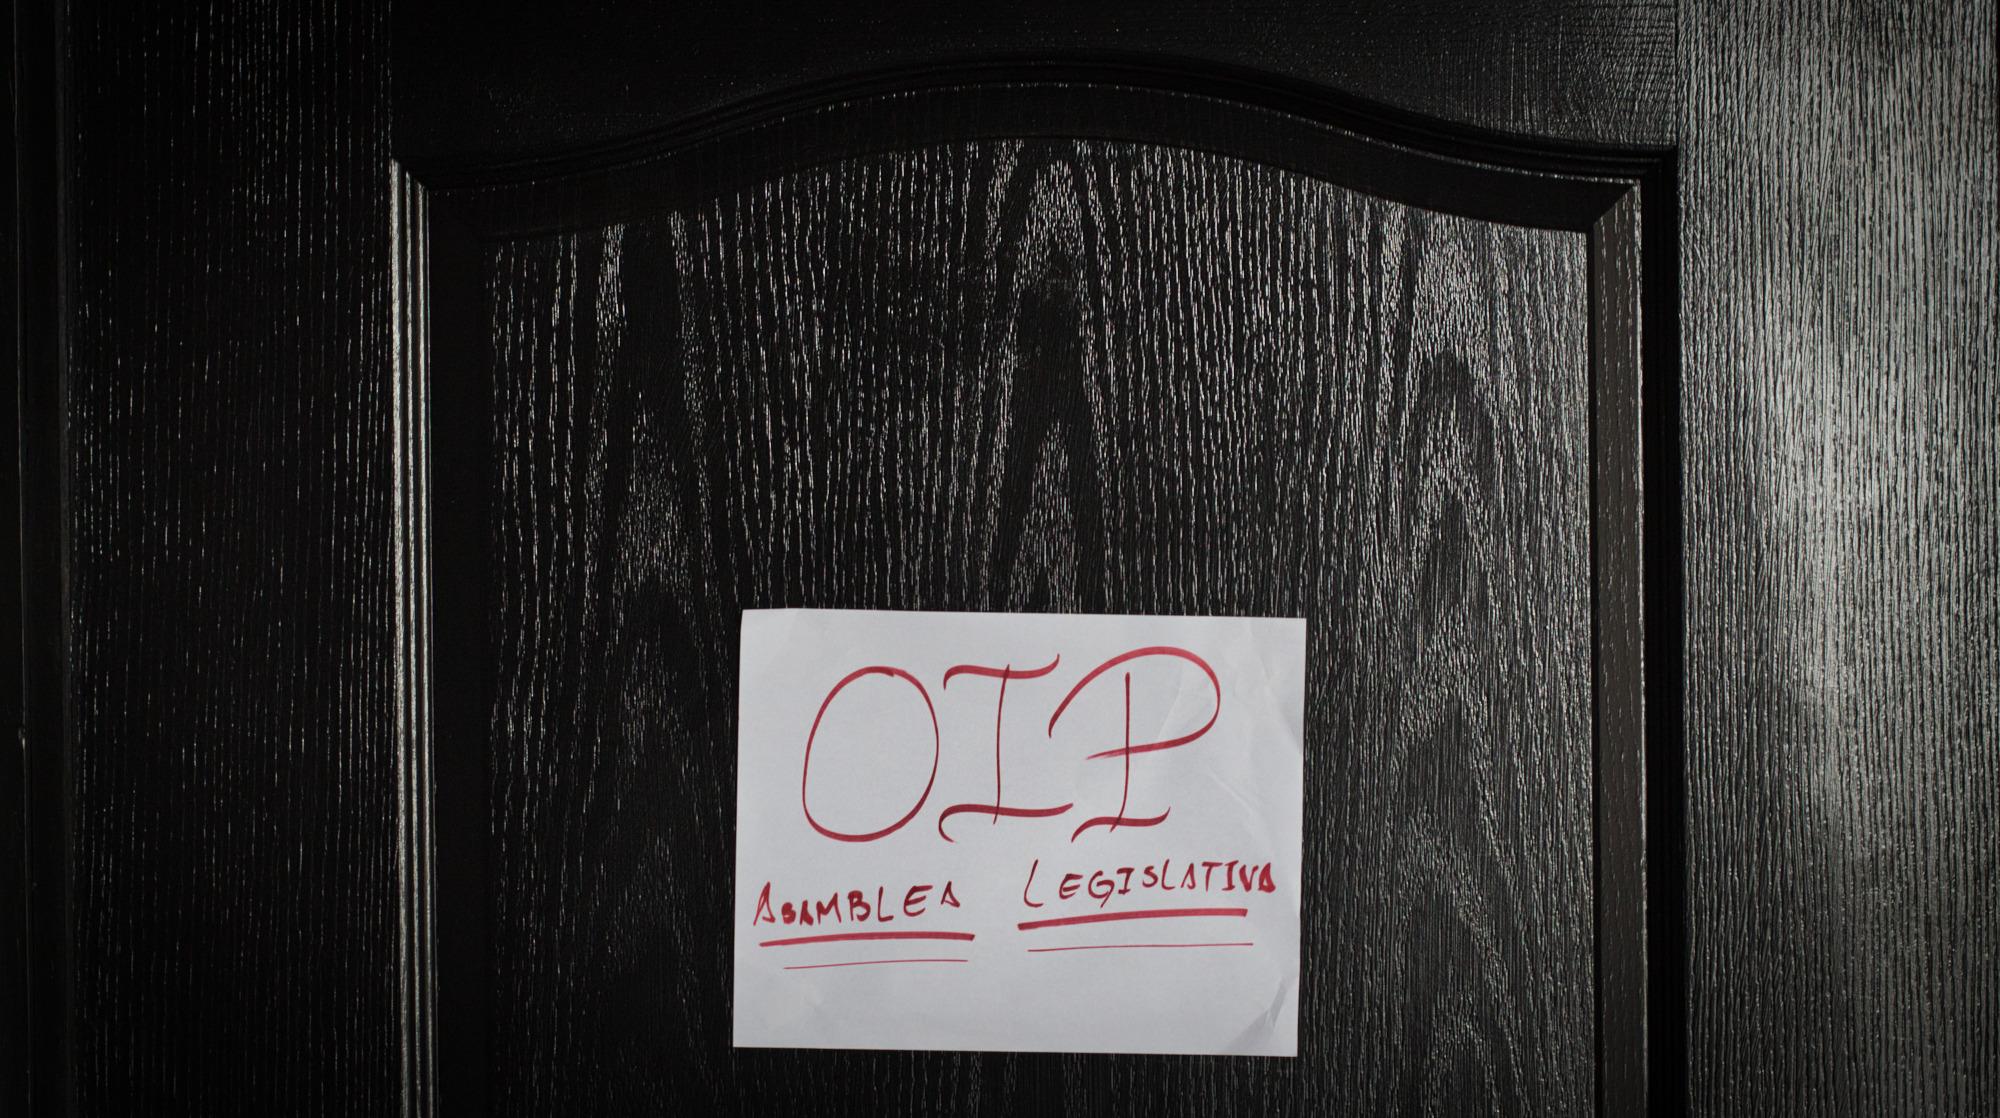 La Oficina de Información Pública que nadie sabe cómo encontrarla. Foto: FACTUM / Salvador Meléndez